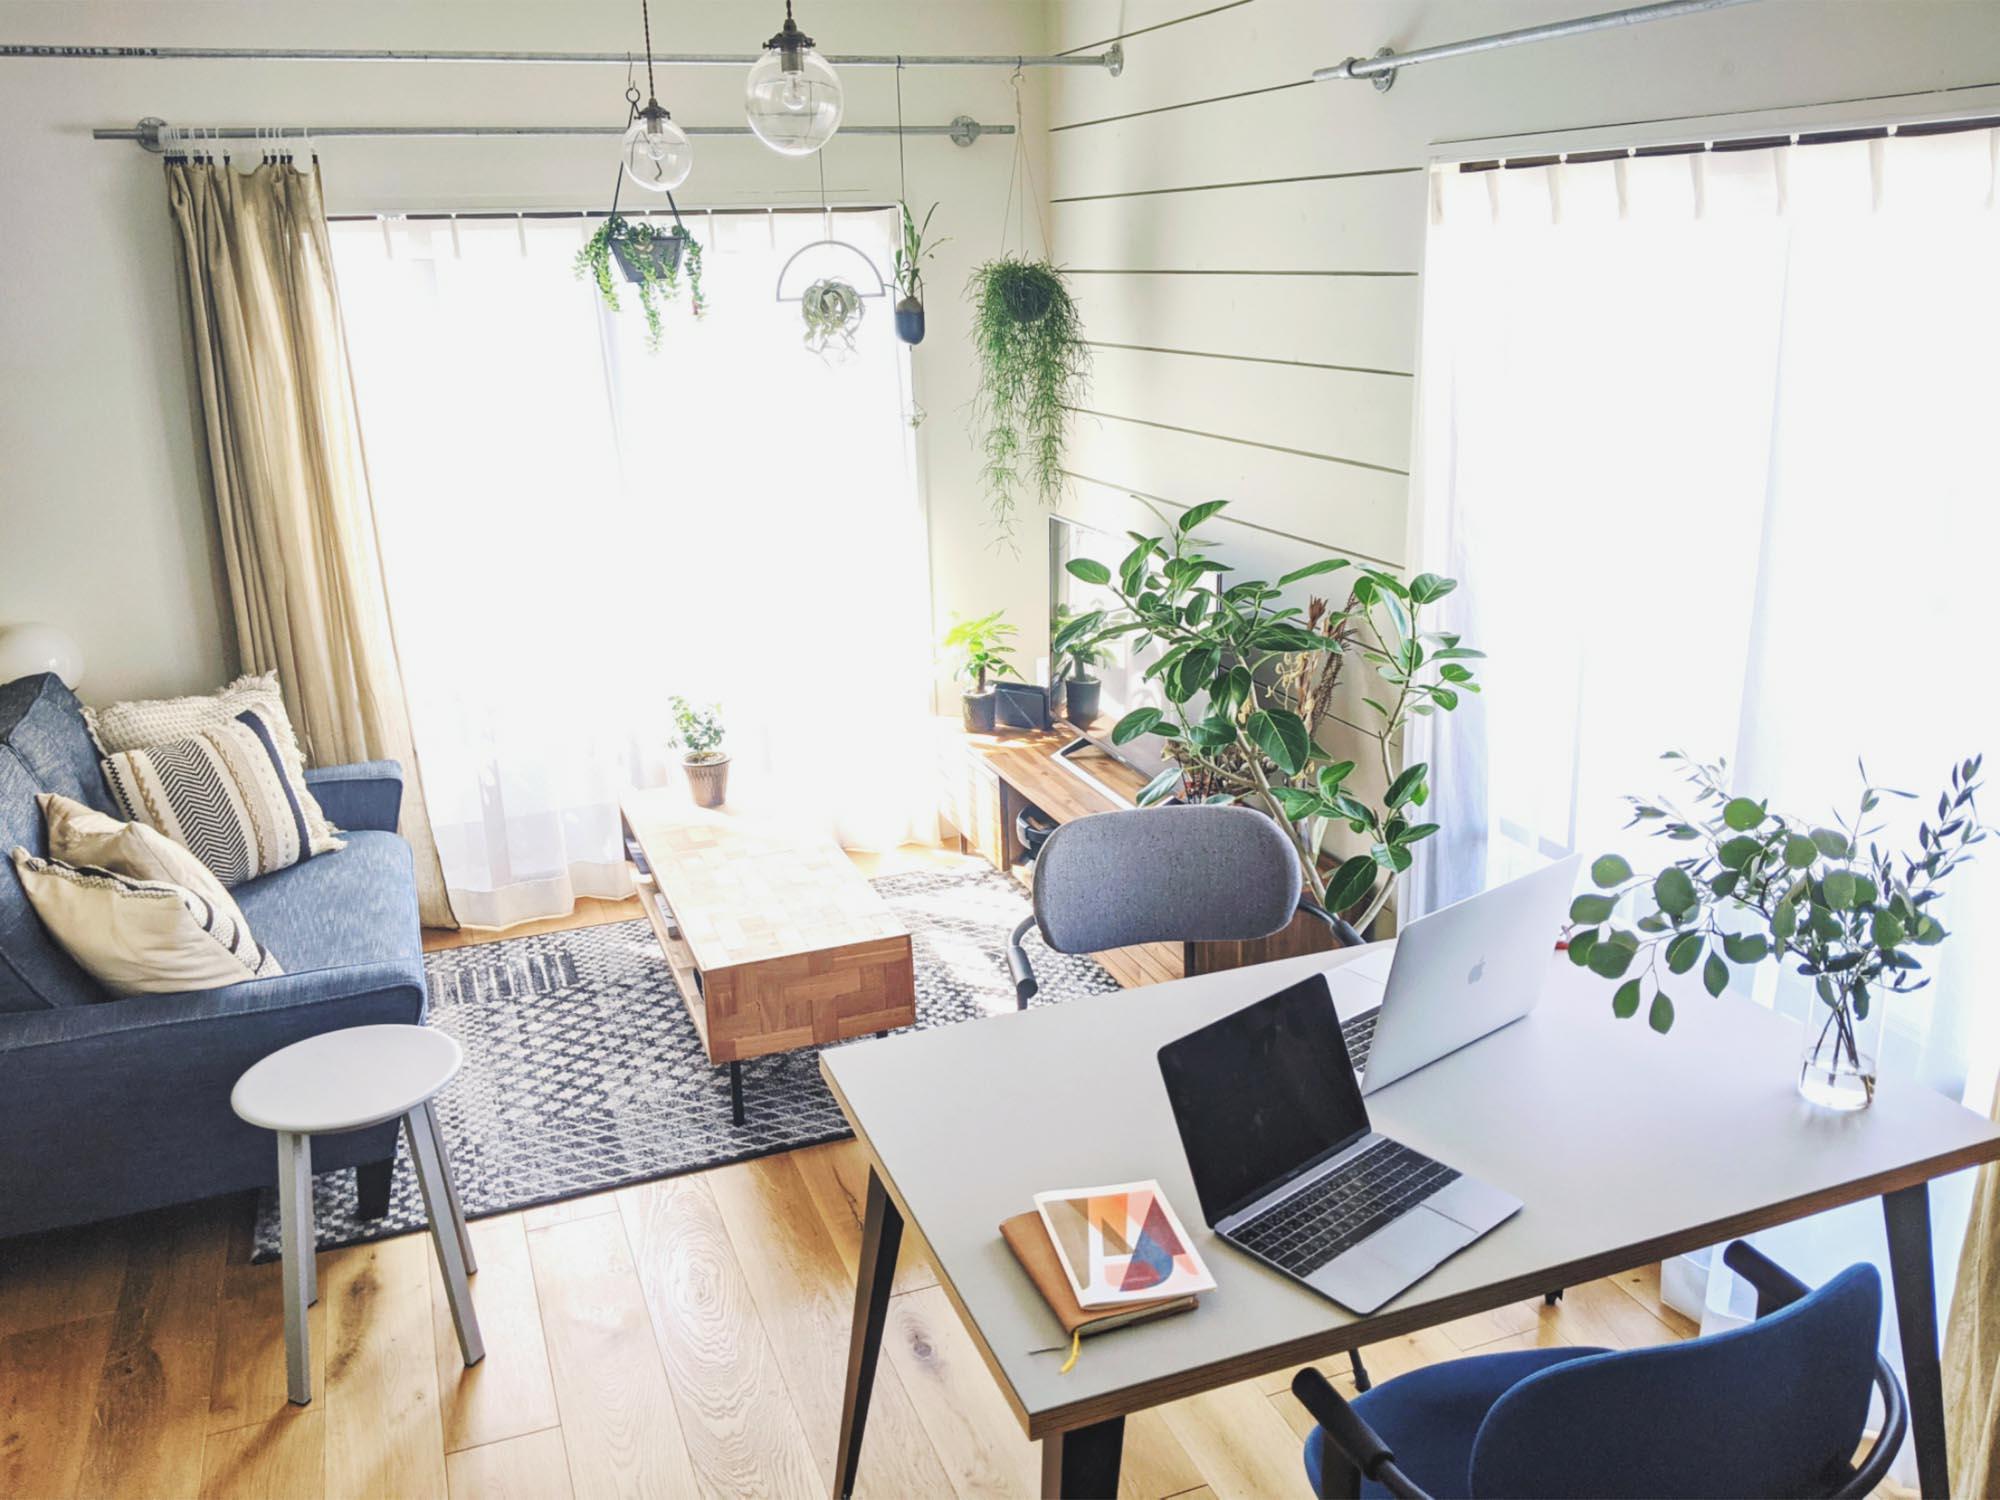 手前にある、ワークデスク兼ダイニングテーブルで過ごすことが多いという、二人暮らしのお部屋。鉢植えや吊るしたもの、ローテーブルに置かれたものなど、たくさんのグリーンが一度に視界に入って、気持ちがいいですね。